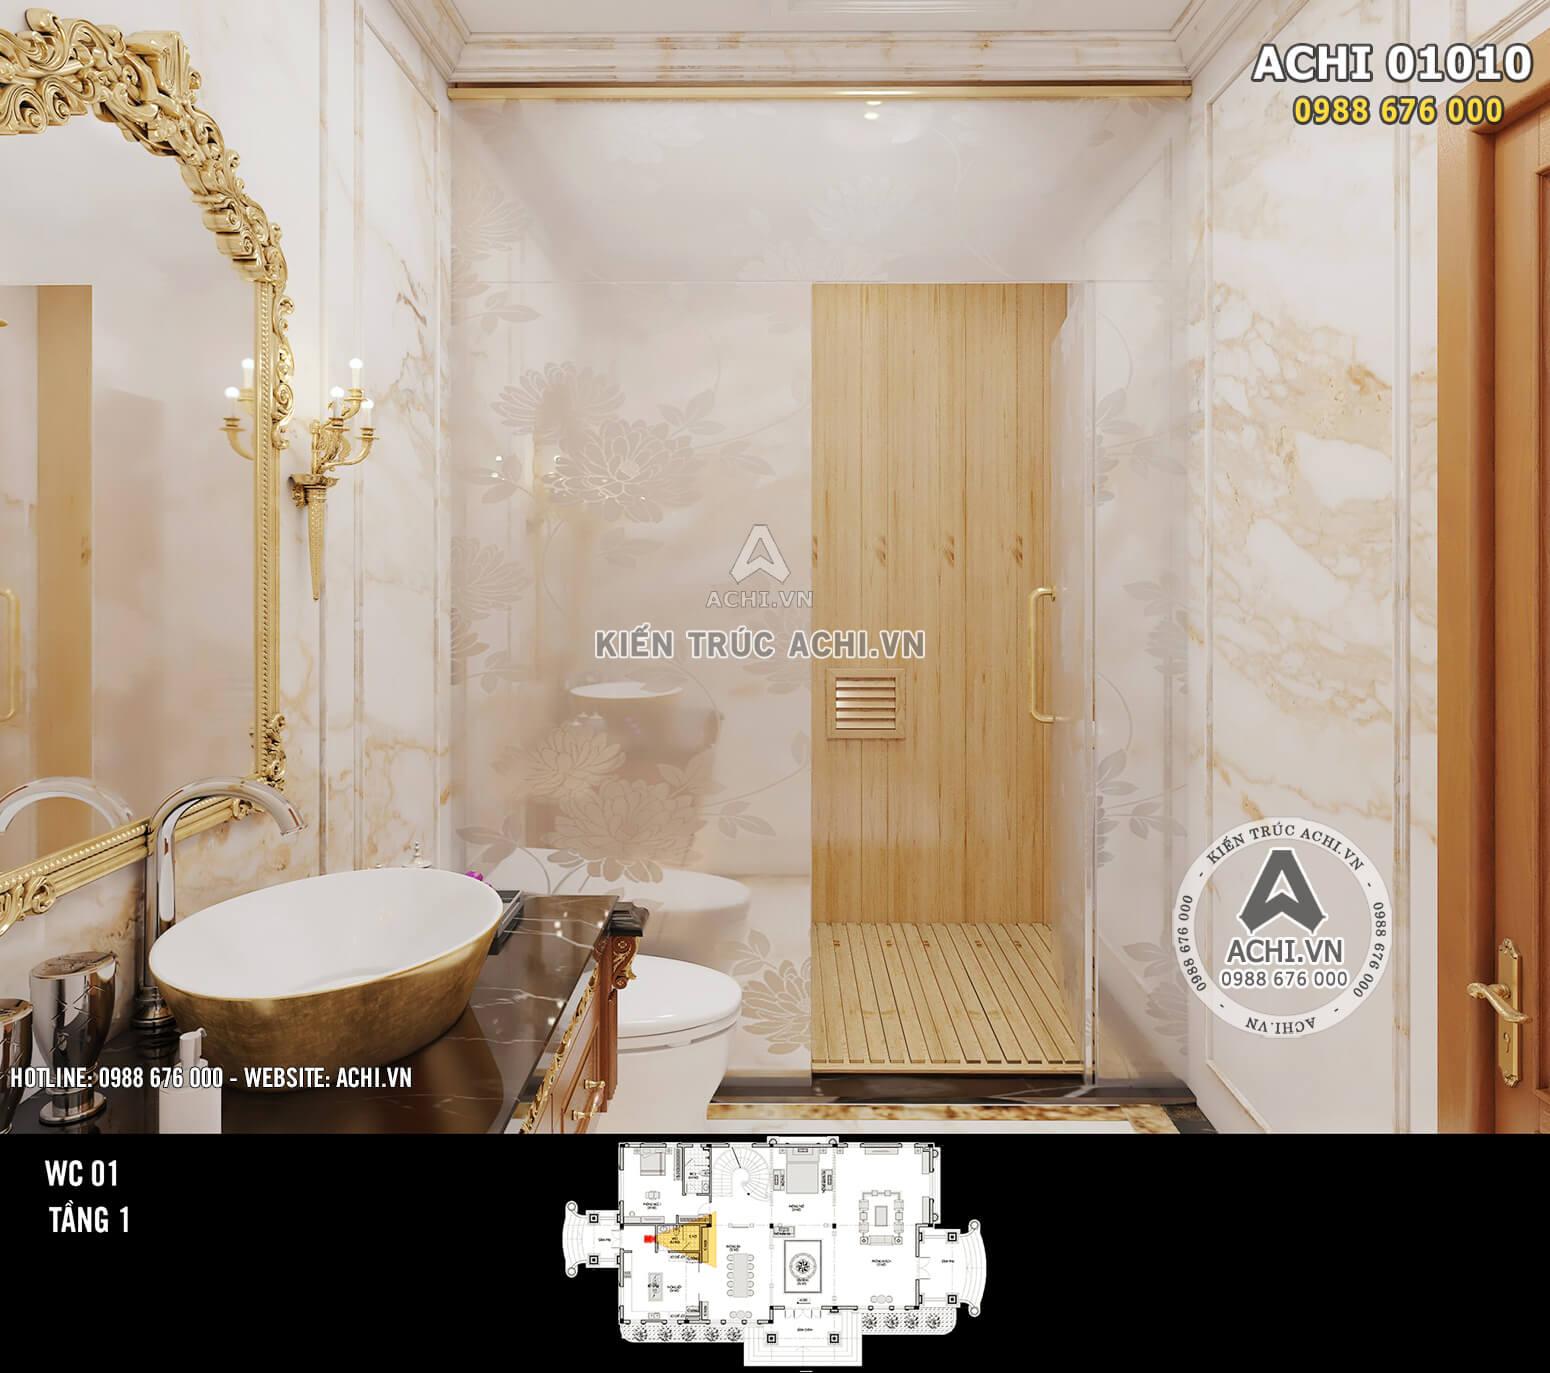 Hình ảnh: Thiết kế nội thất tân cổ điển - Phòng WC 1 - Tầng 1 - 02